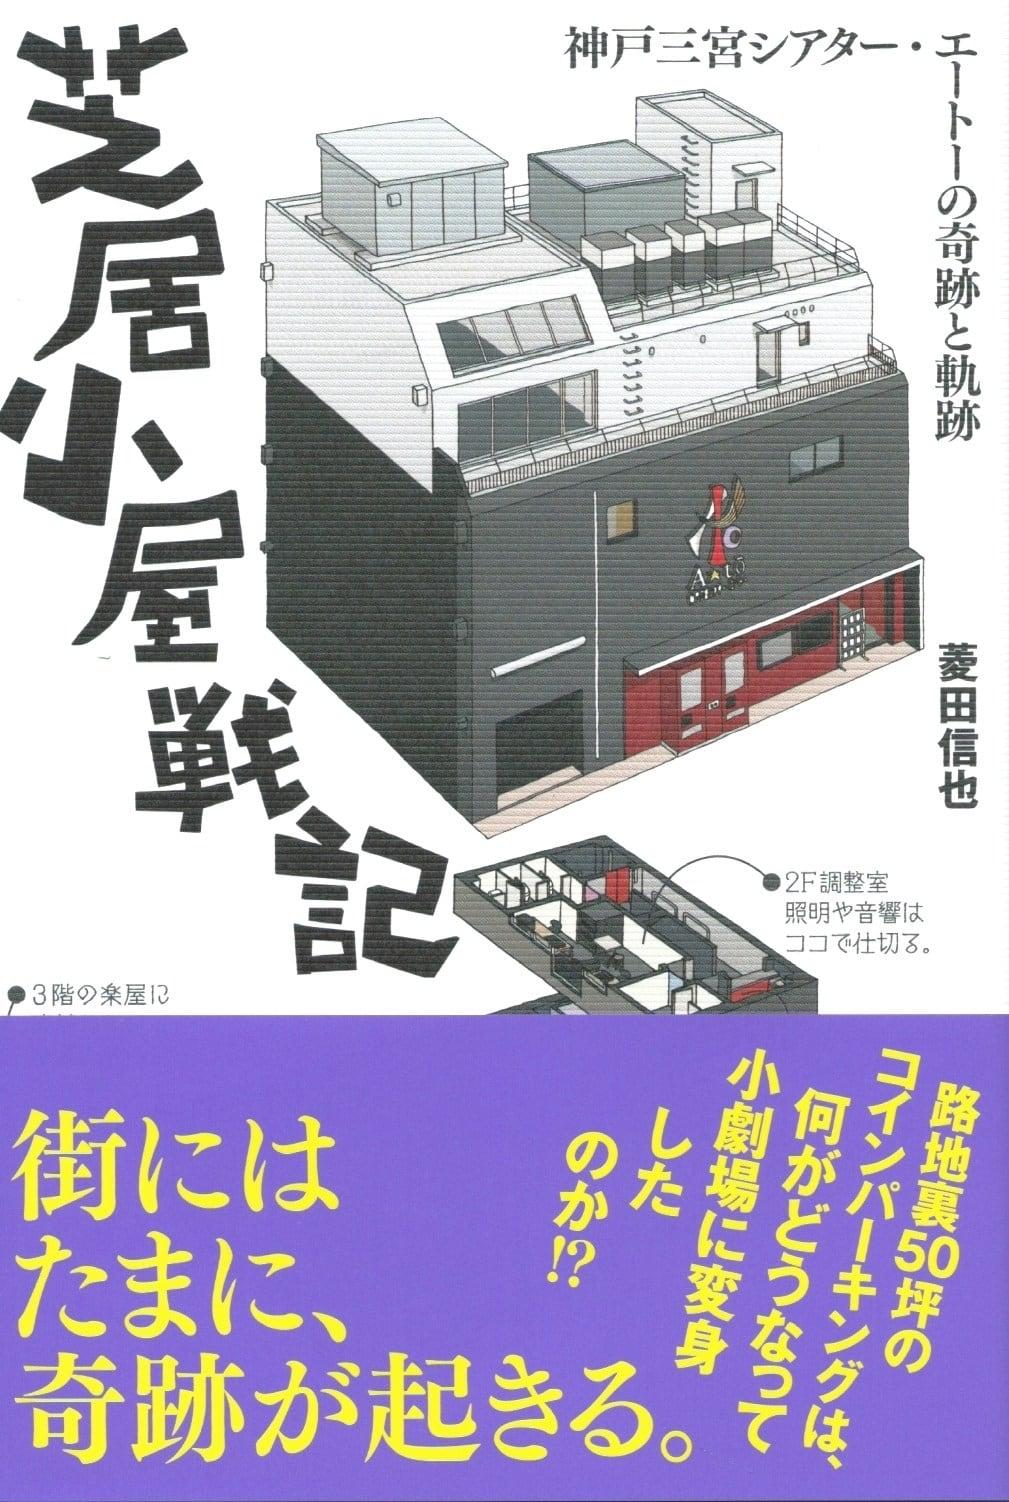 芝居小屋戦記 神戸三宮シアター・エートーの奇跡と軌跡